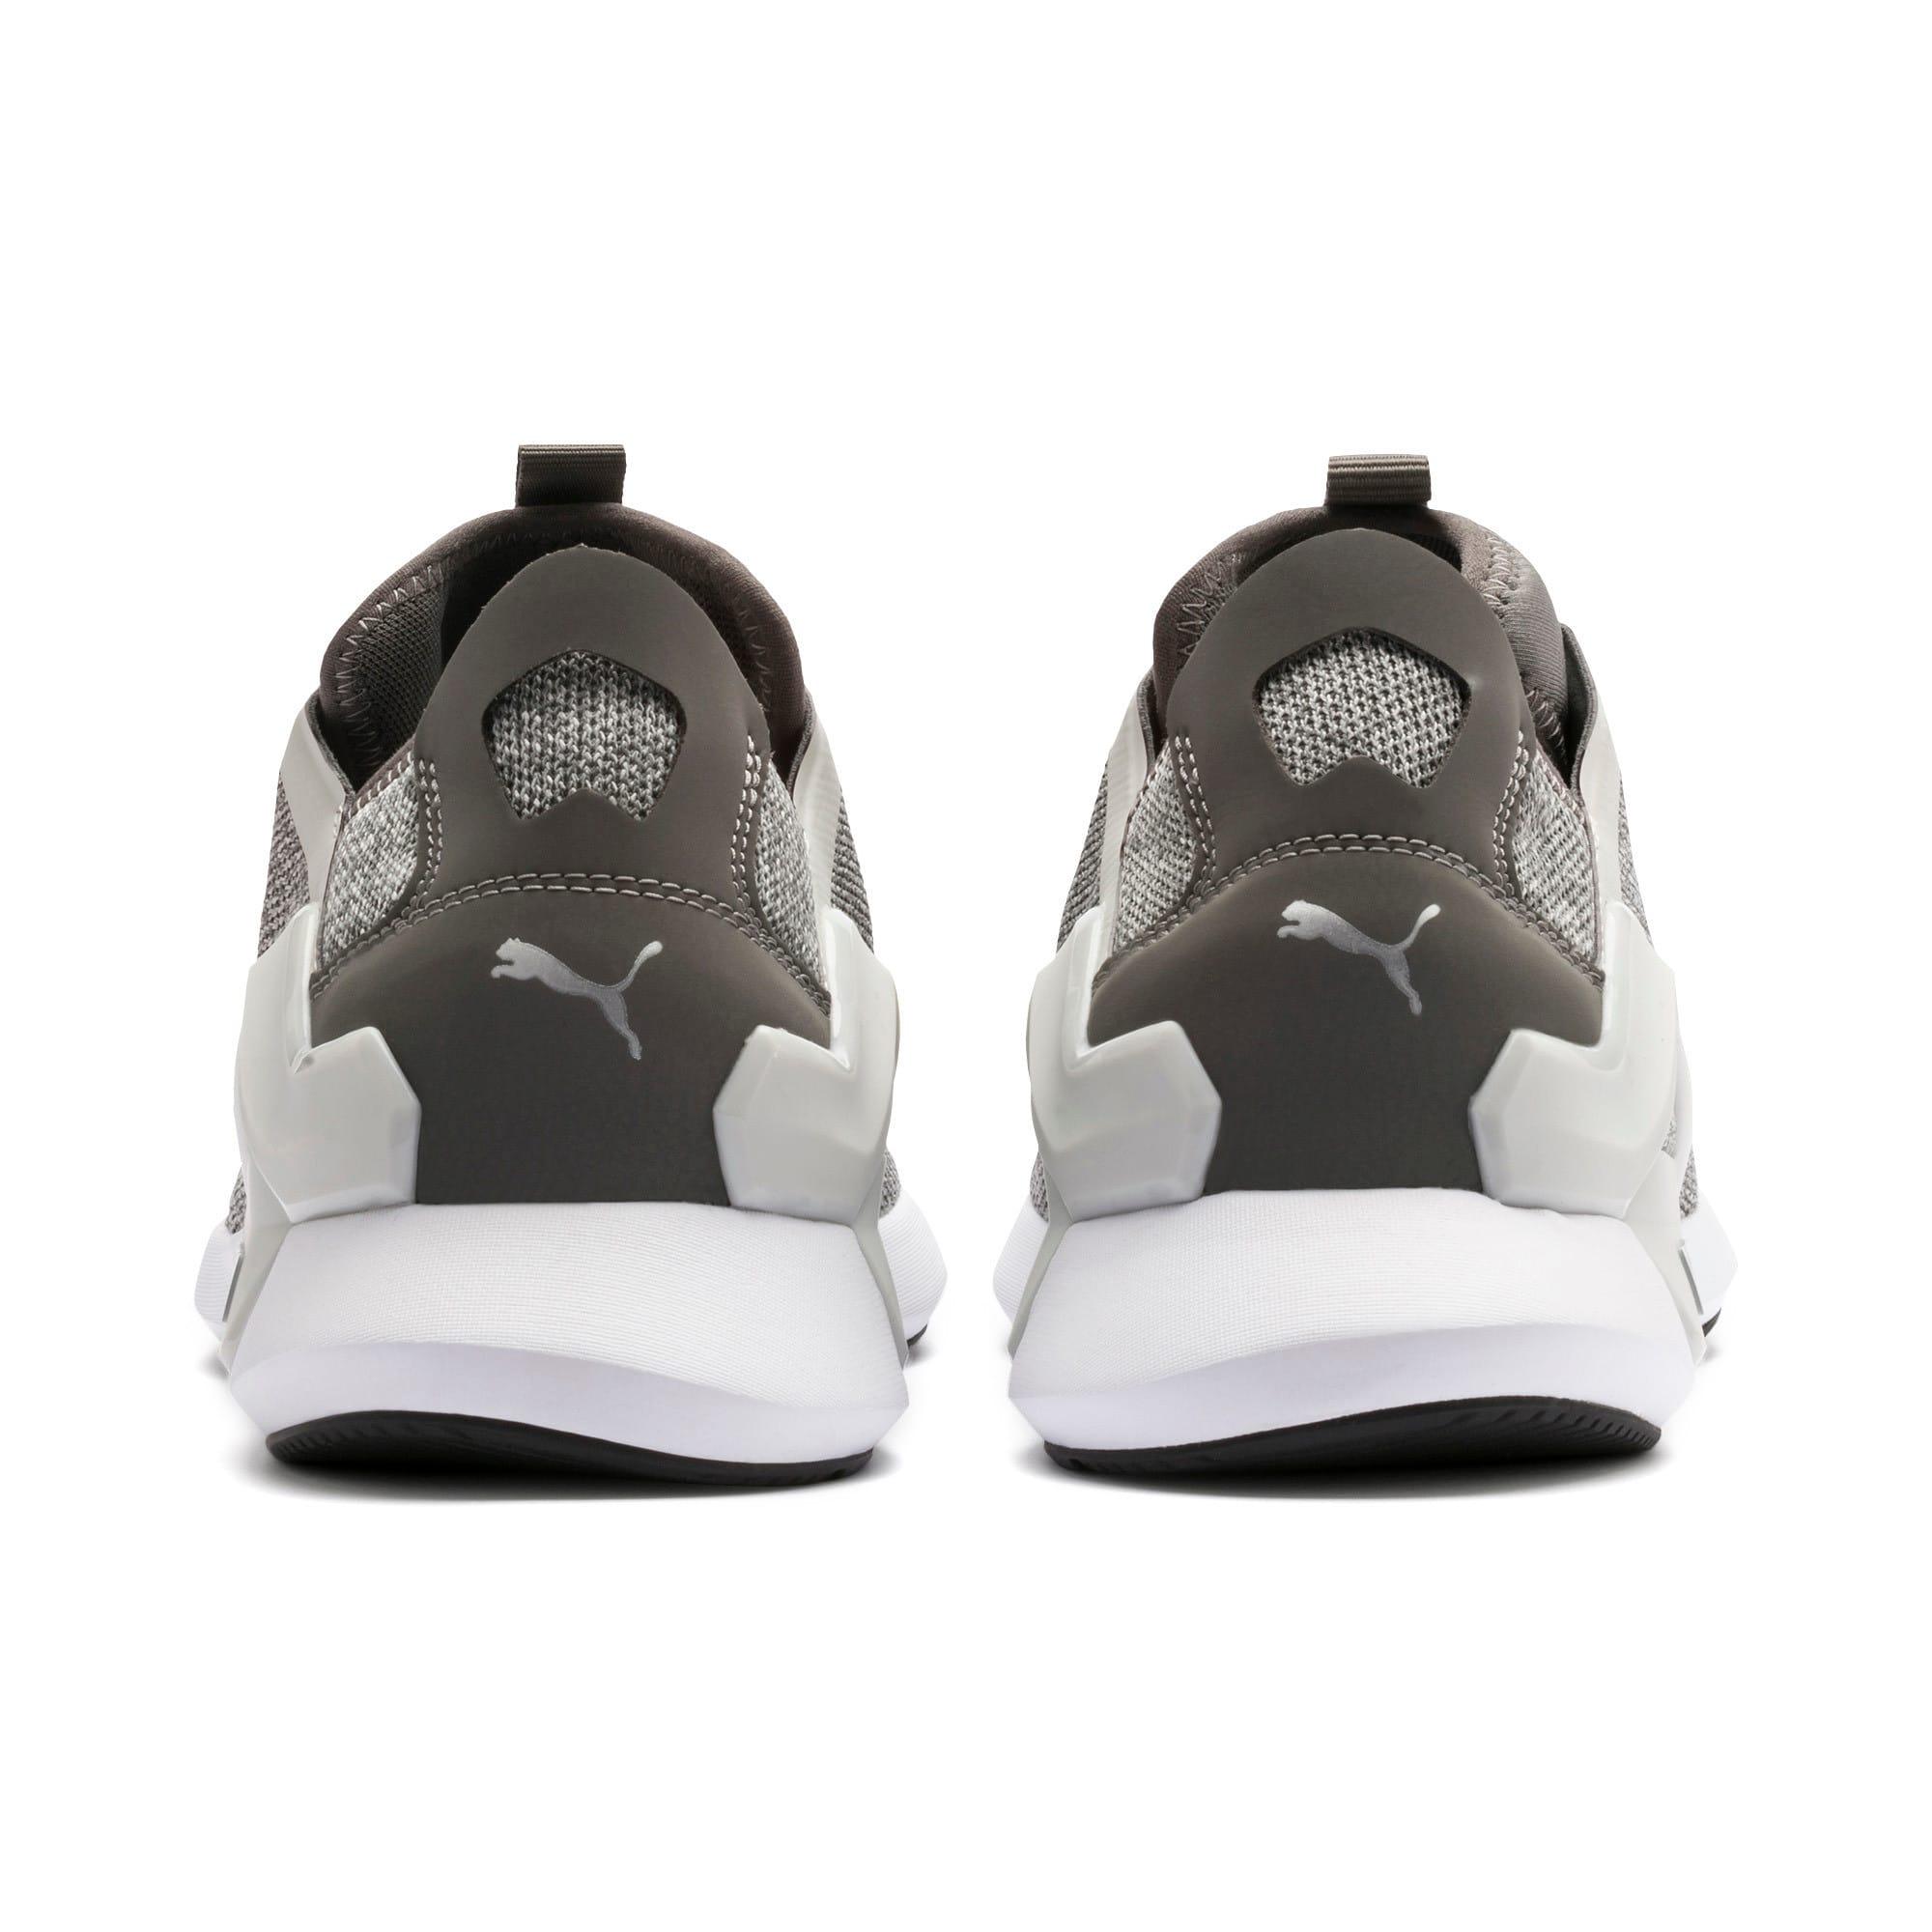 Miniatura 4 de Zapatos de entrenamiento Rogue X Knit para hombre, CASTLEROCK-Glacier Gray, mediano